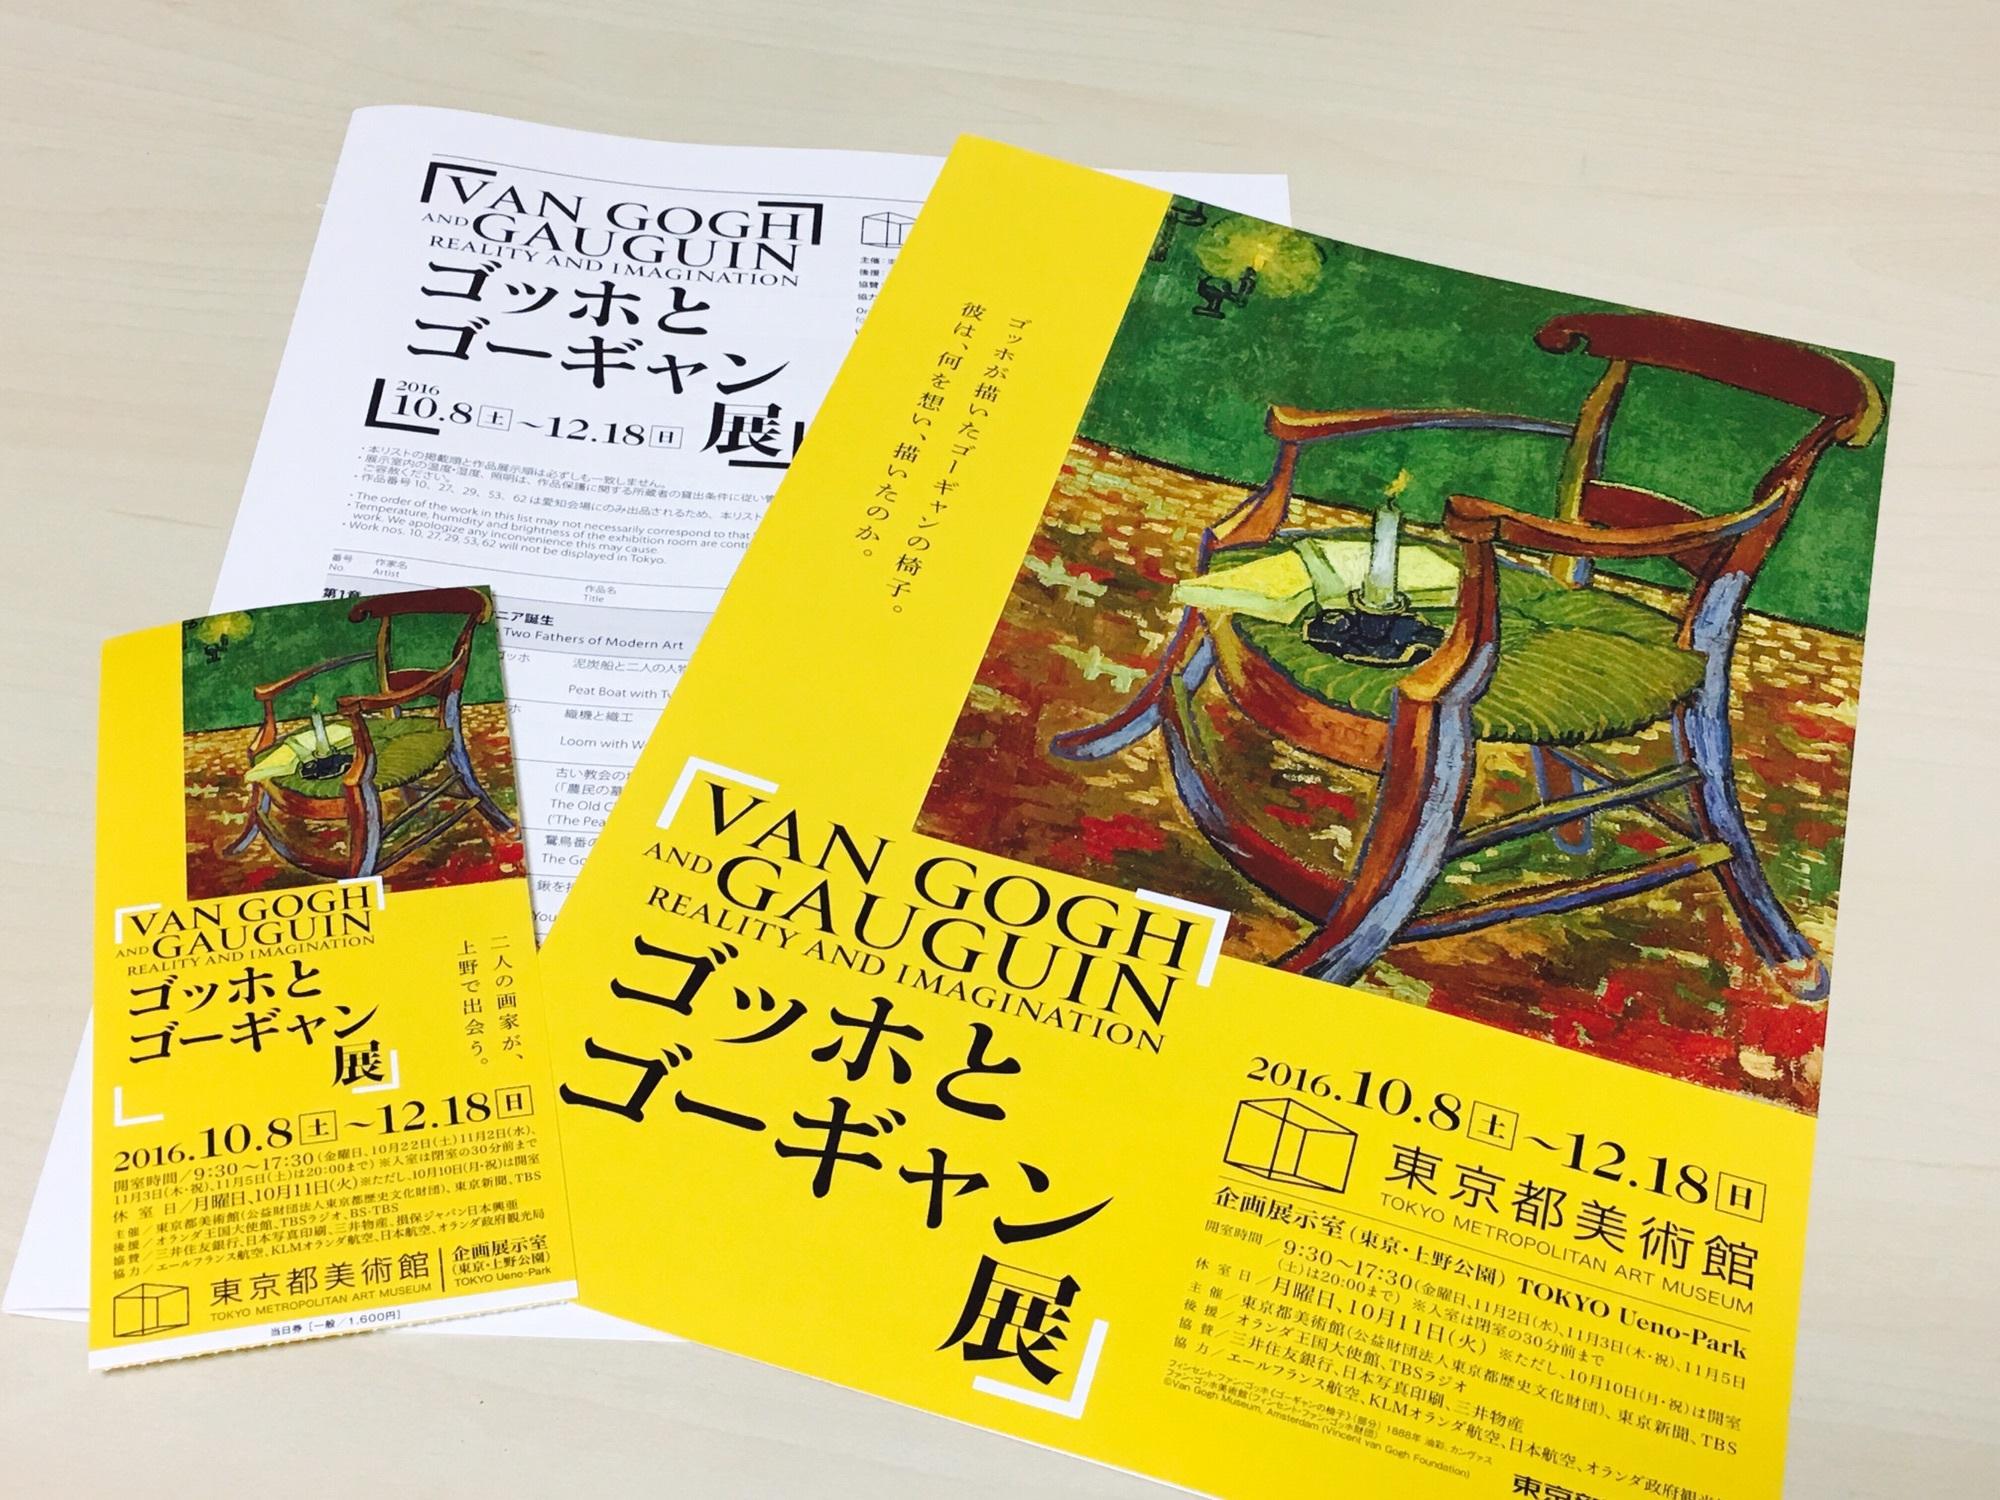 下の写真 模写した「ゴッホの椅子」を含む美術の課題ポスター